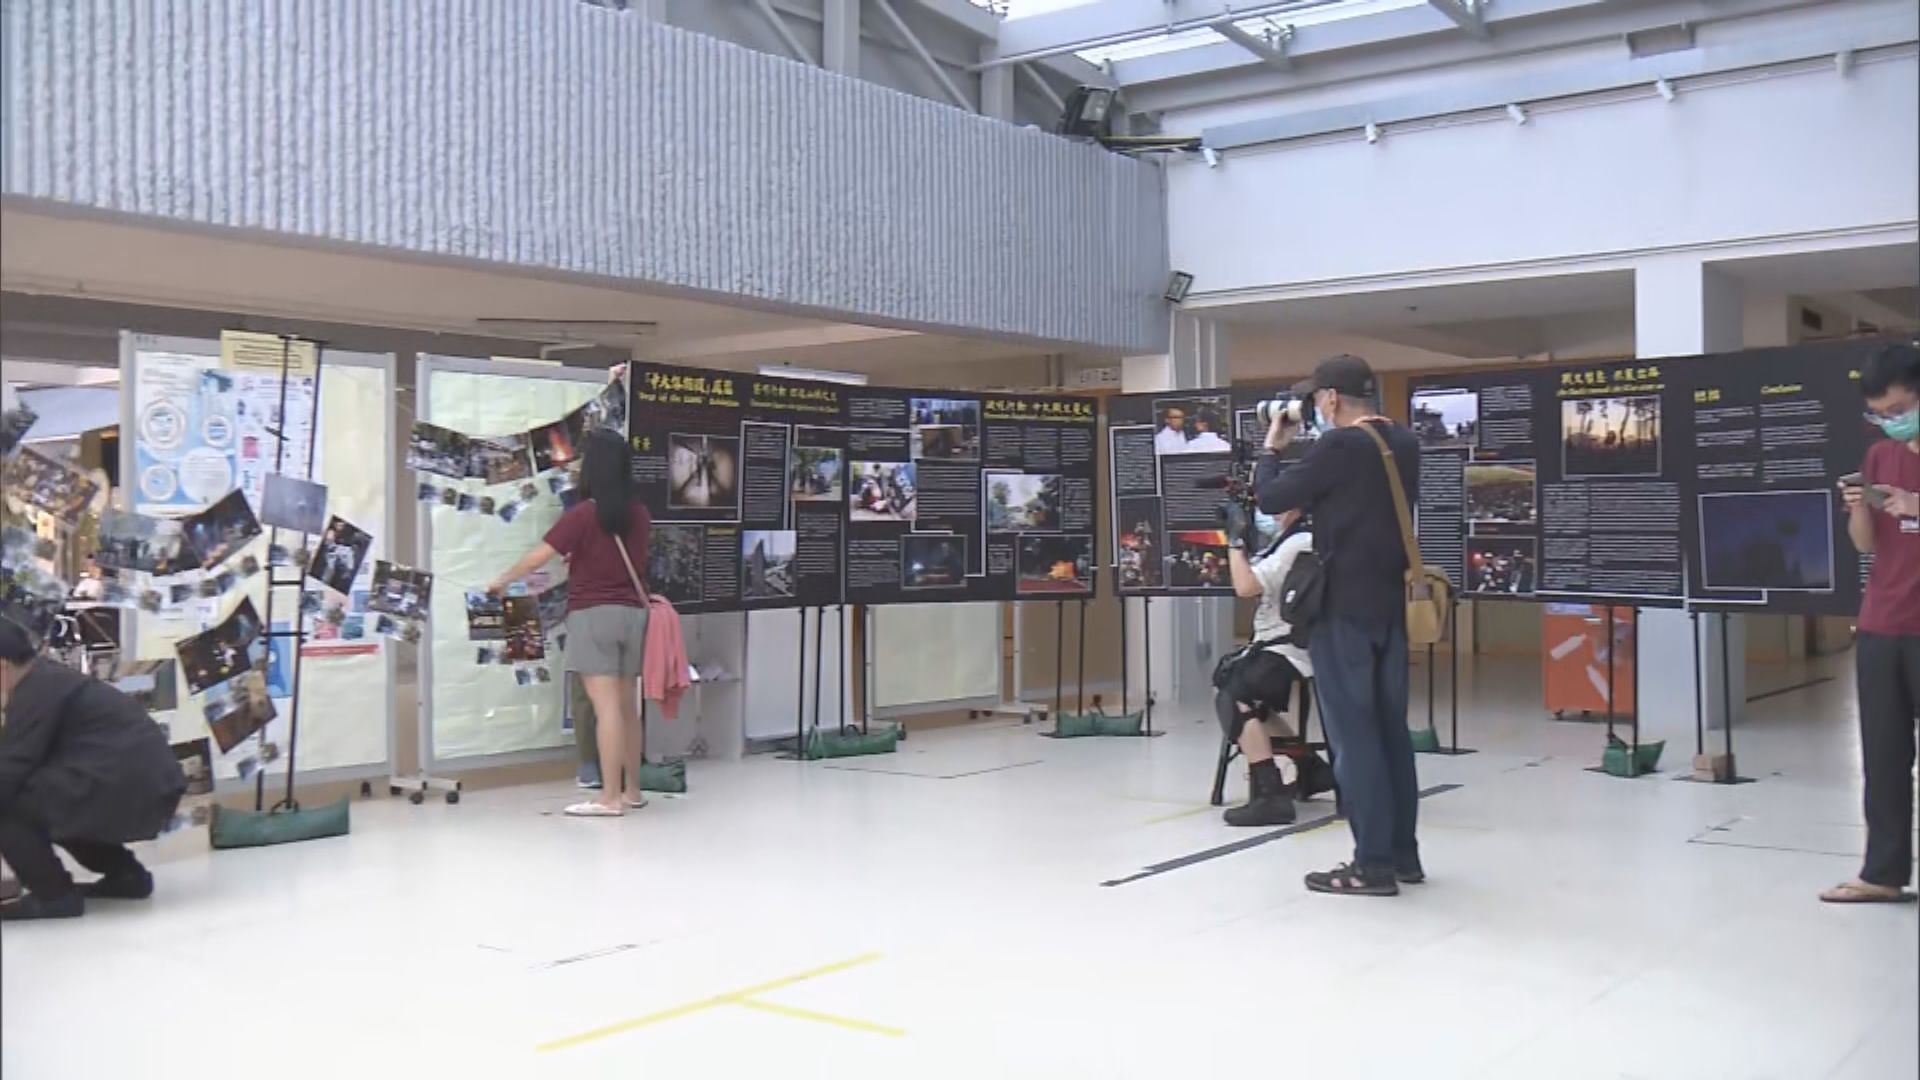 中大衝突一周年 學生會舉辦回顧展覽